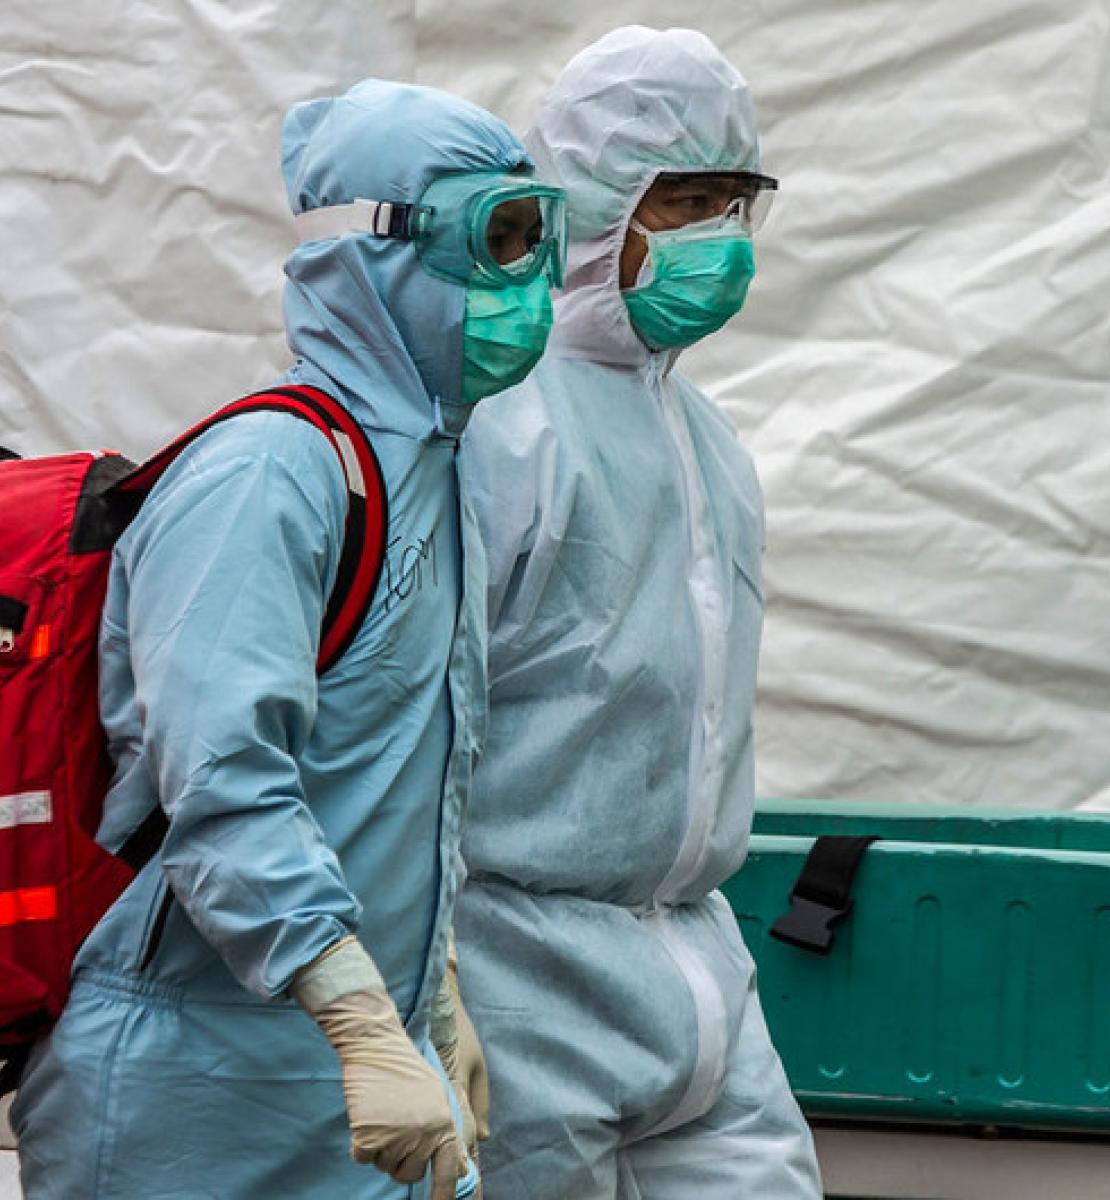 Dos trabajadores sanitarios con equipo de protección personal de cuerpo completo y mascarillas, caminan juntos y uno carga una gran mochila roja.